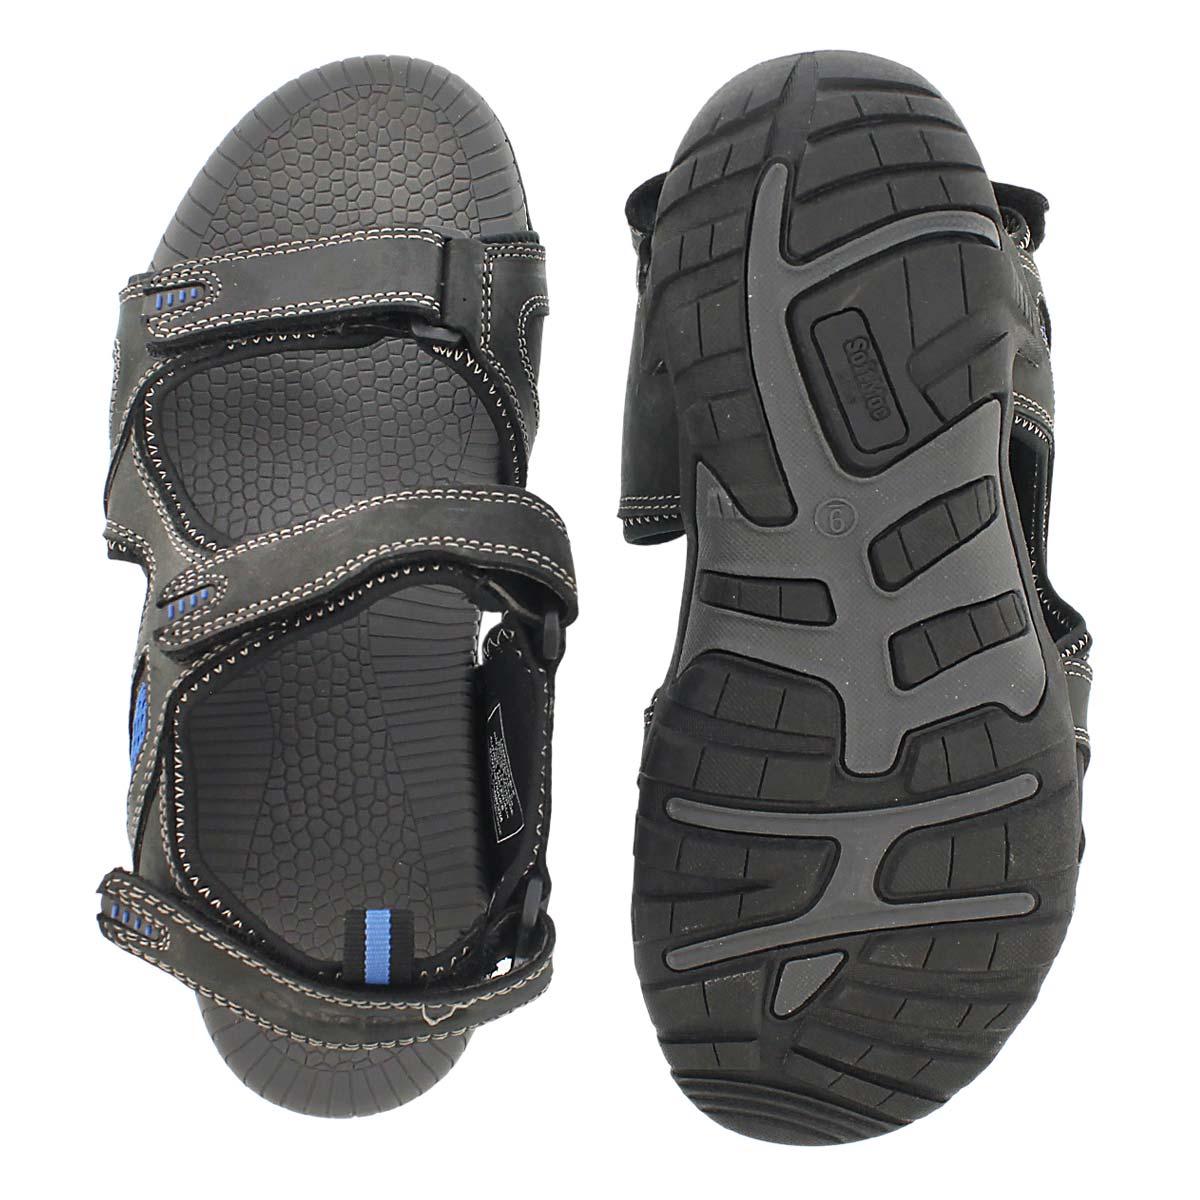 Sandale sport noir LENNOX 2, hom